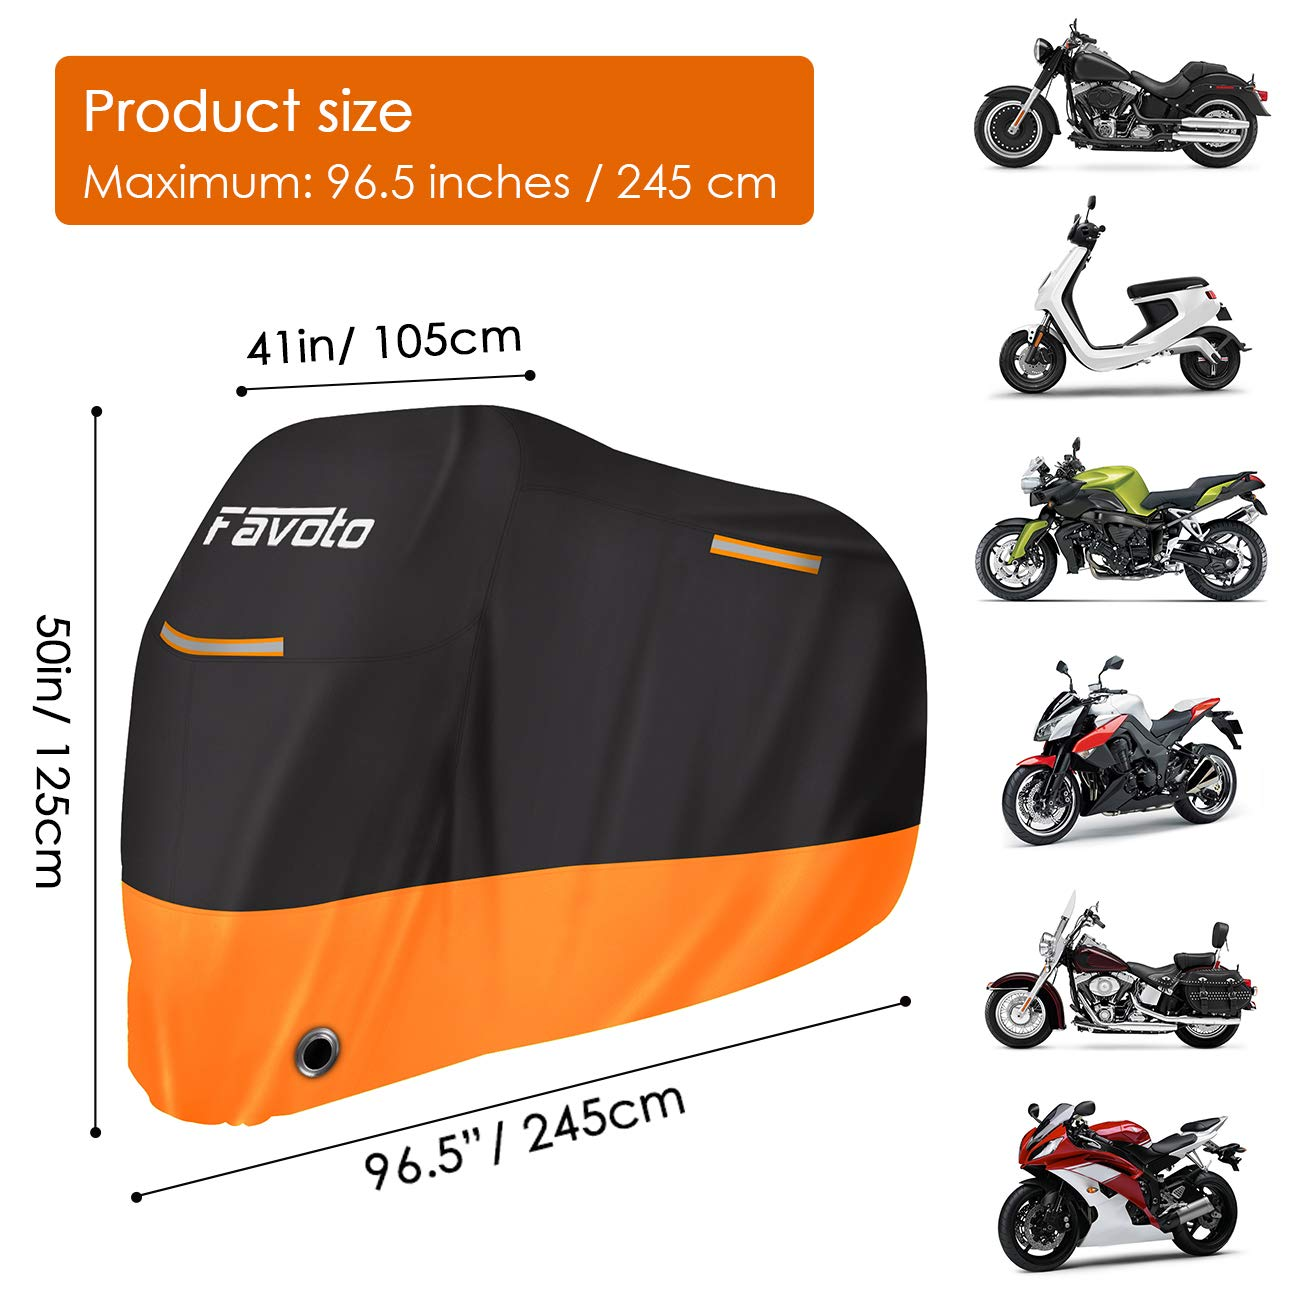 Favoto Funda para Moto Cubierta de Motocicleta 210D Protectora Oxford con Bandas Reflectantes//Salidas de Aire a Prueba de UV Agua Lluvia Polvo Viento Nieve Excremento de P/ájaro XXL 245cm Negro+Plata